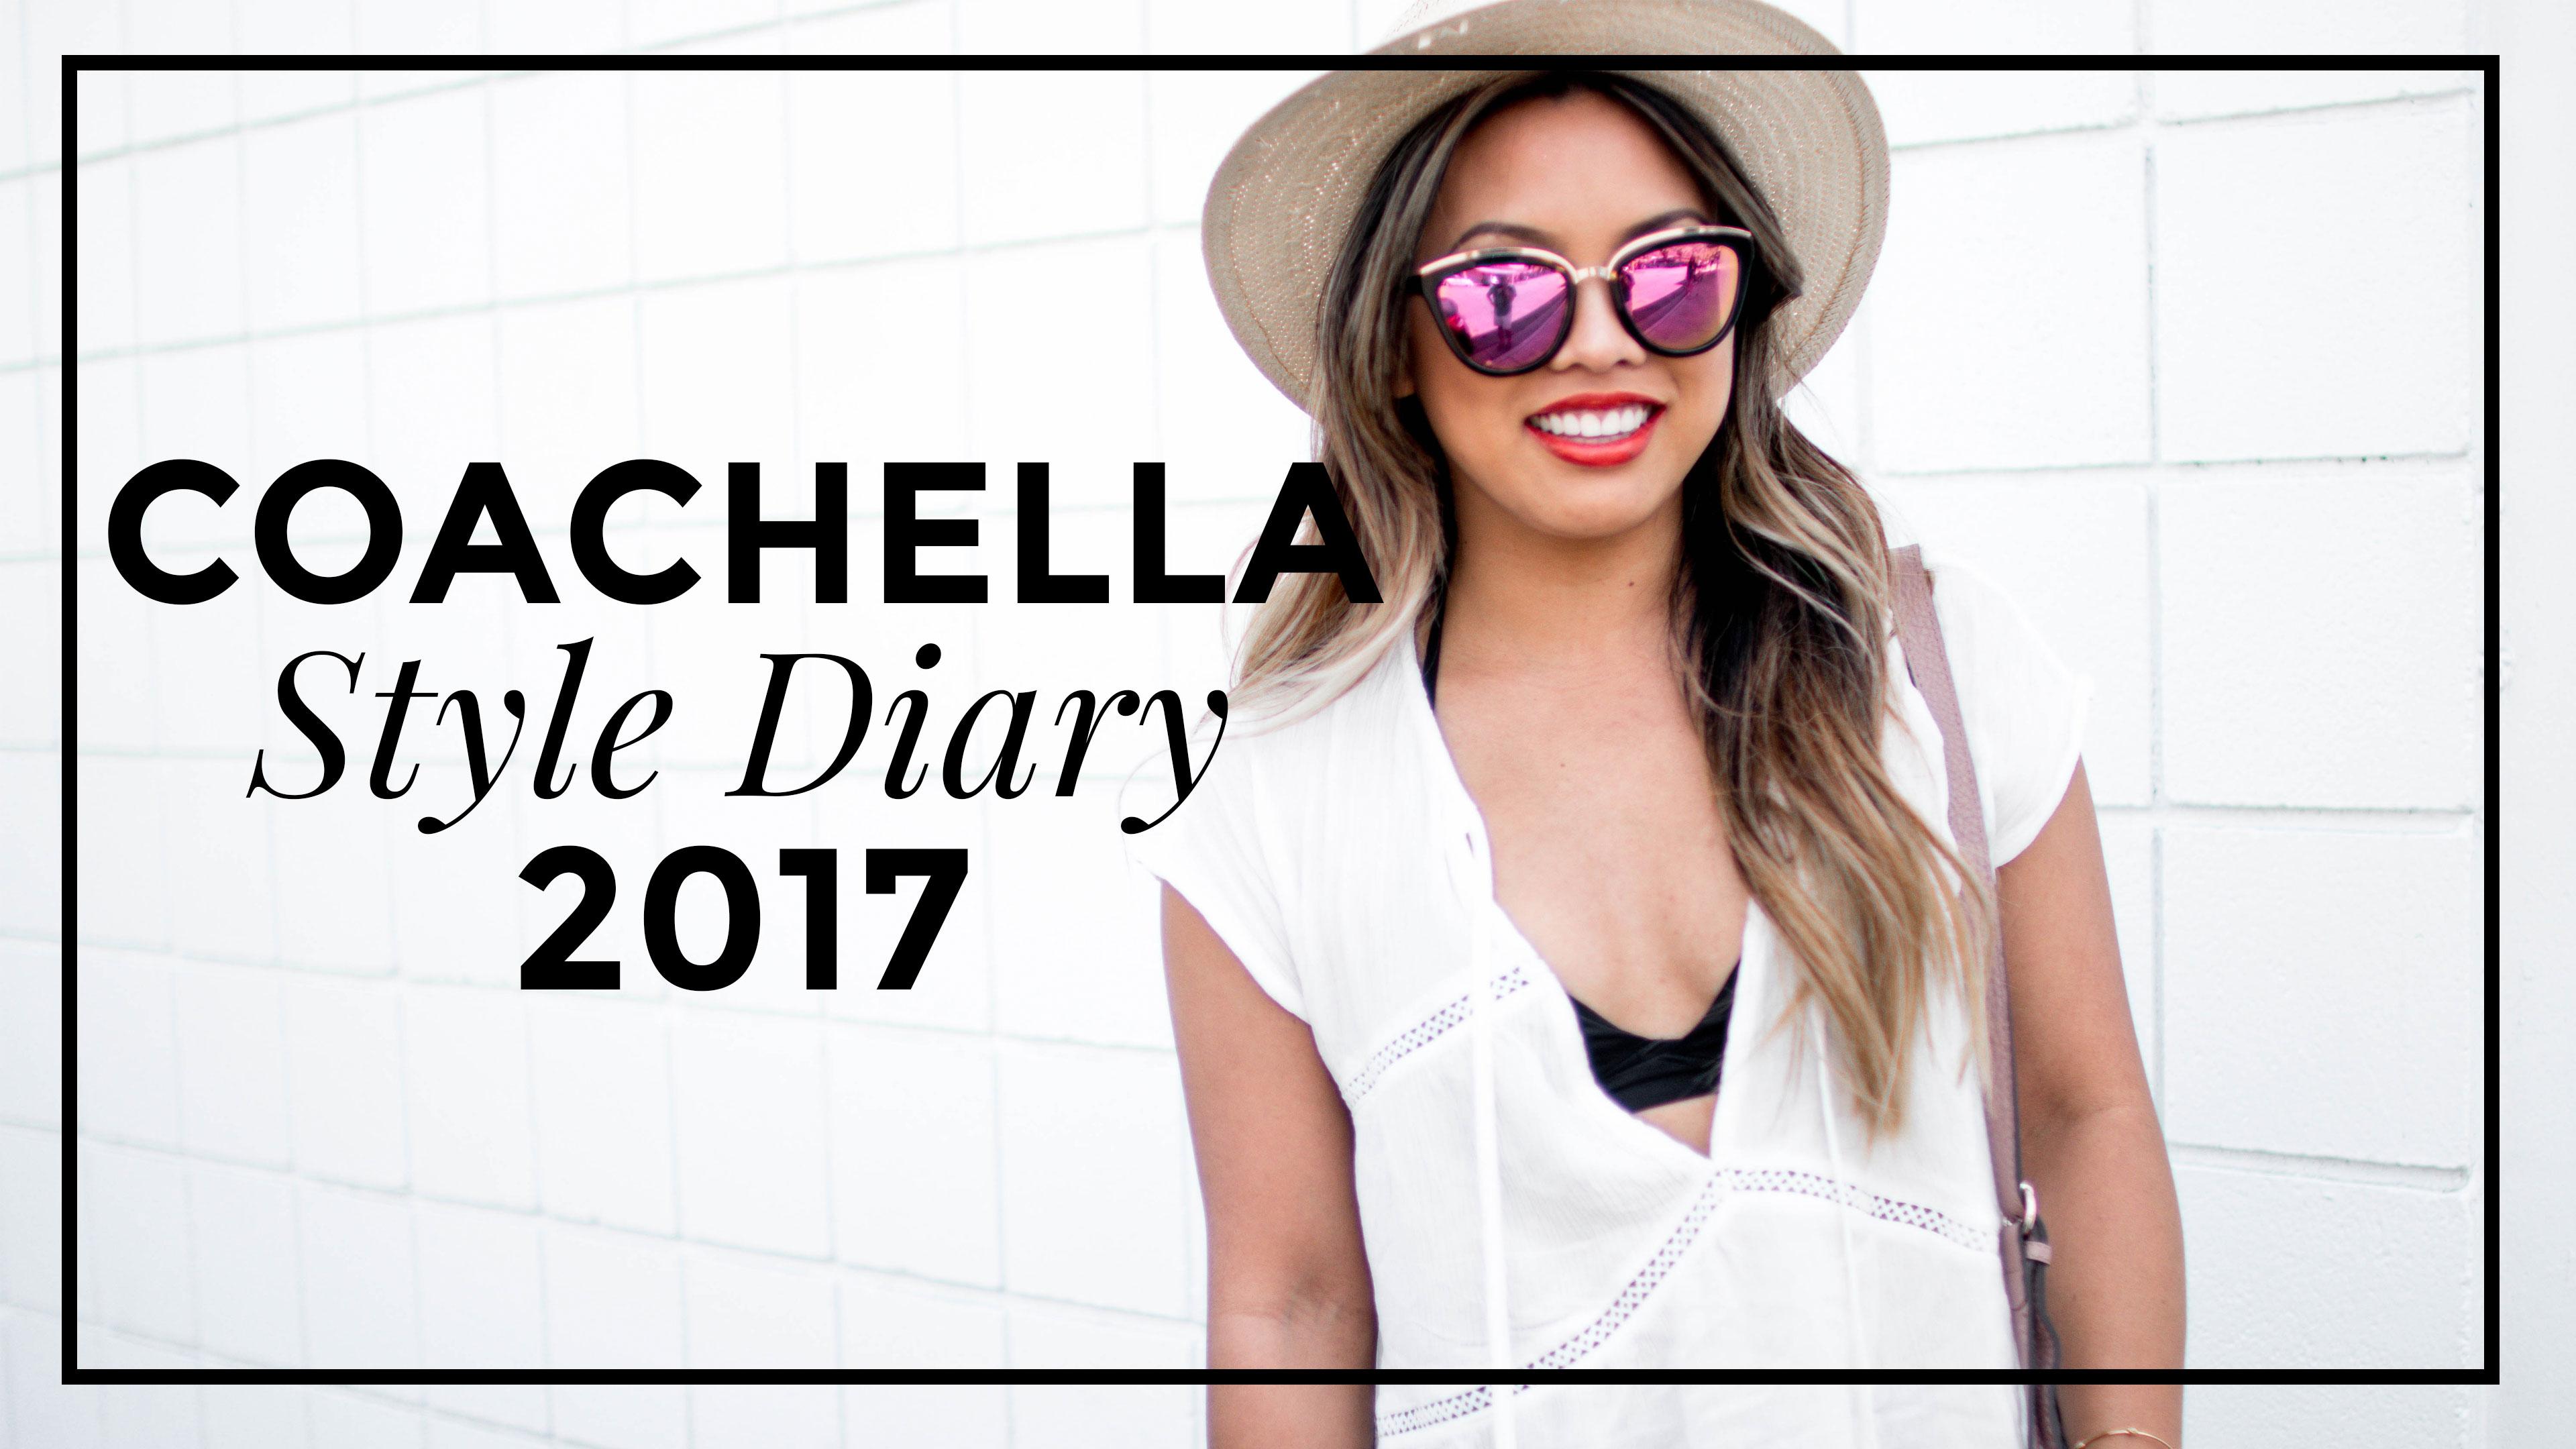 Coachella Style Diary 2017   The Beauty Vanity